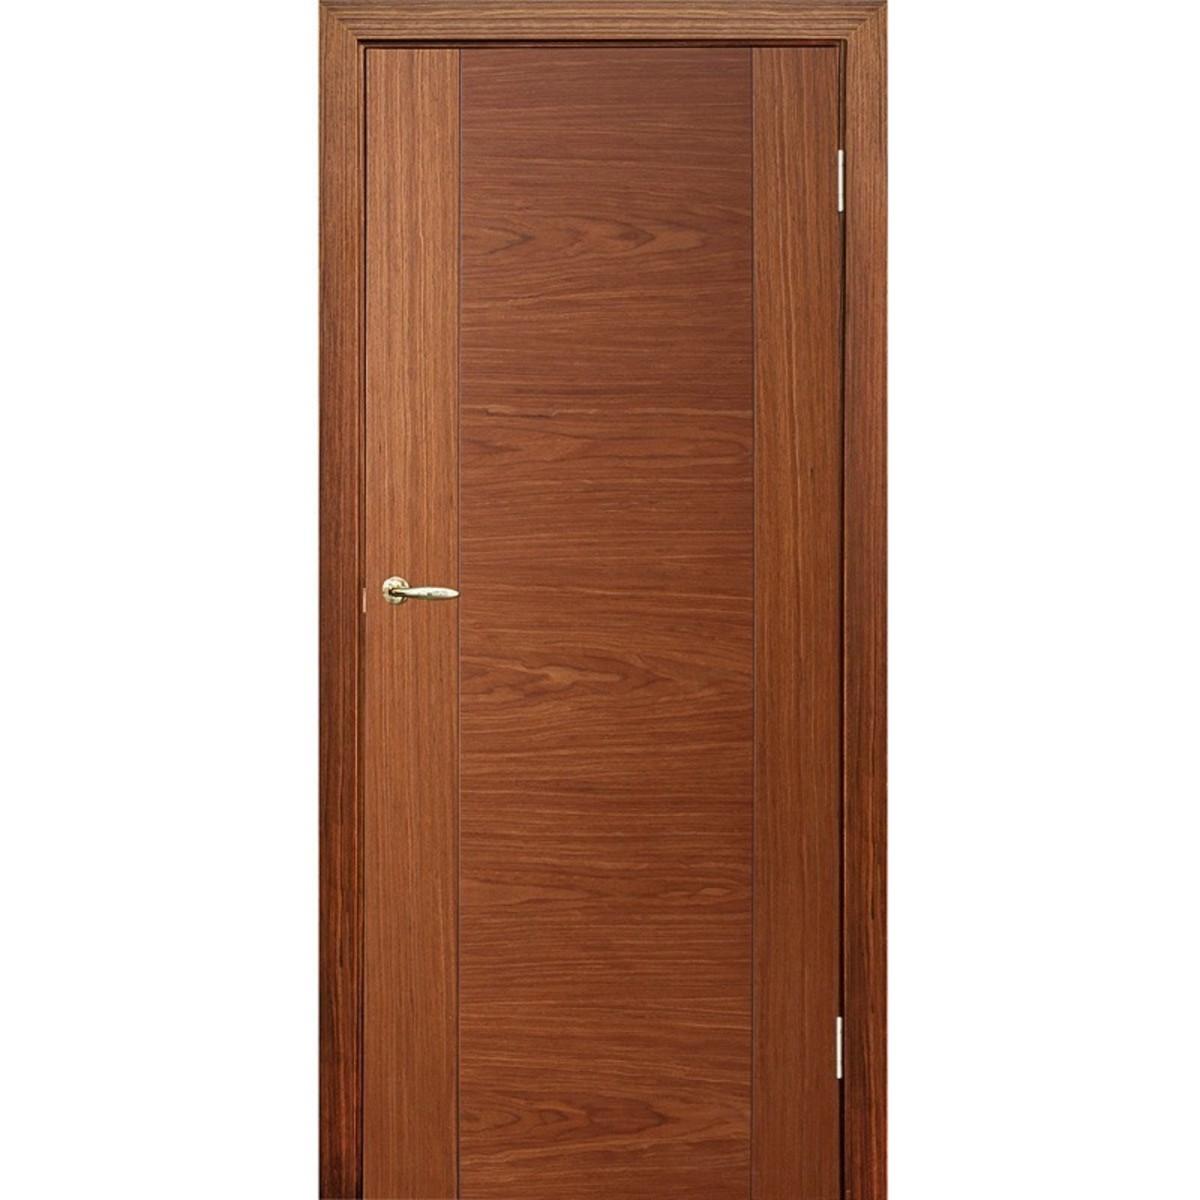 Дверь Межкомнатная Глухая Vario 70x200 Шпон Цвет Орех С Фурнитурой